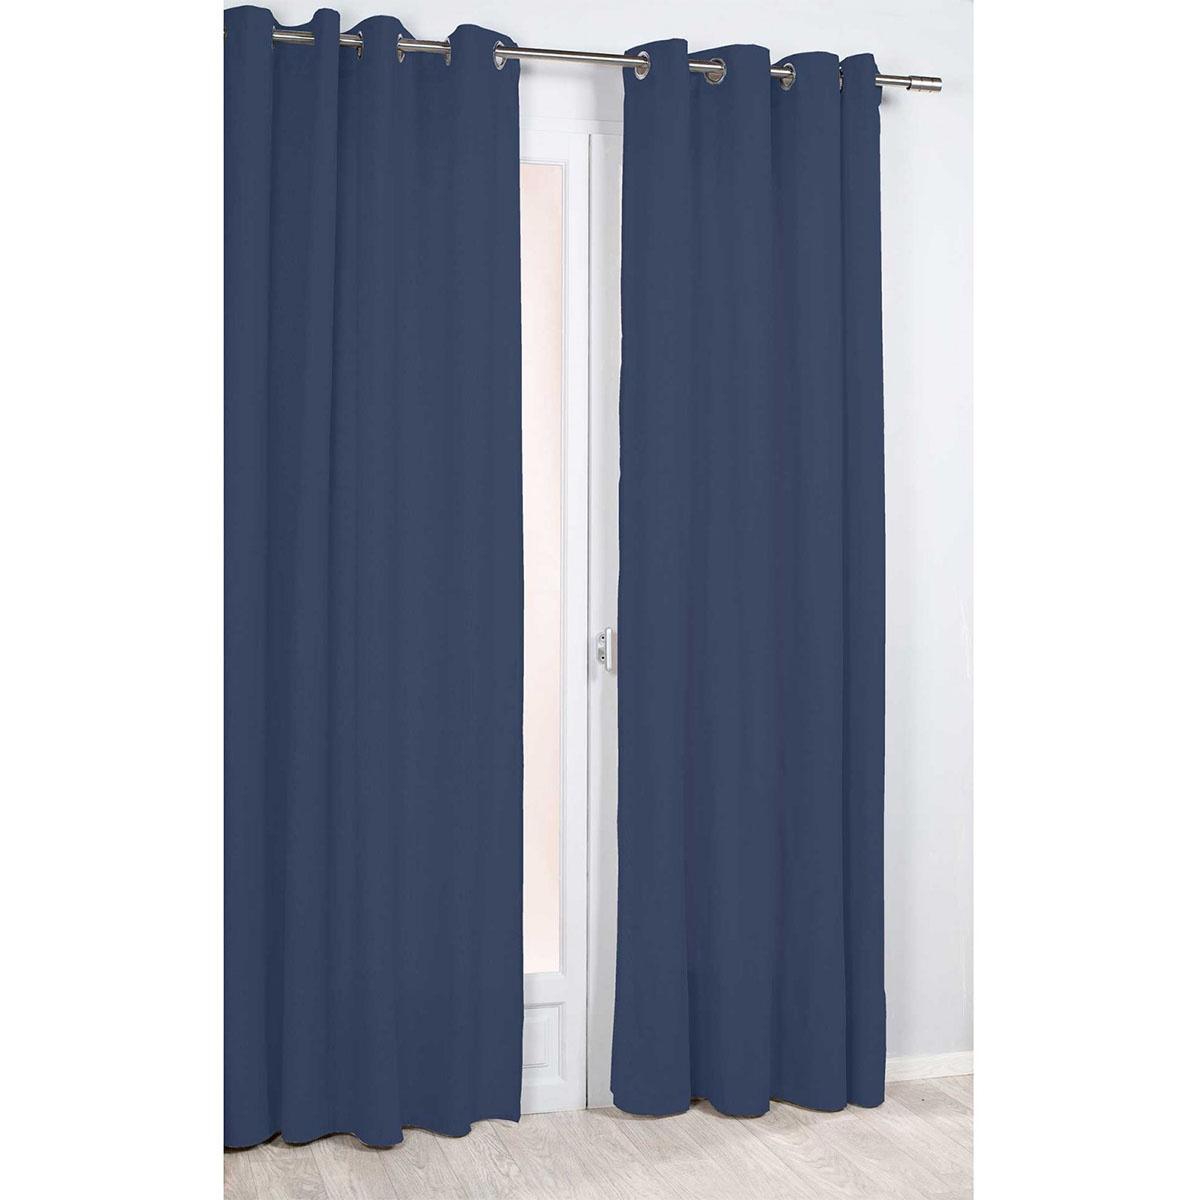 Rideau Uni et Intemporel (Bleu)